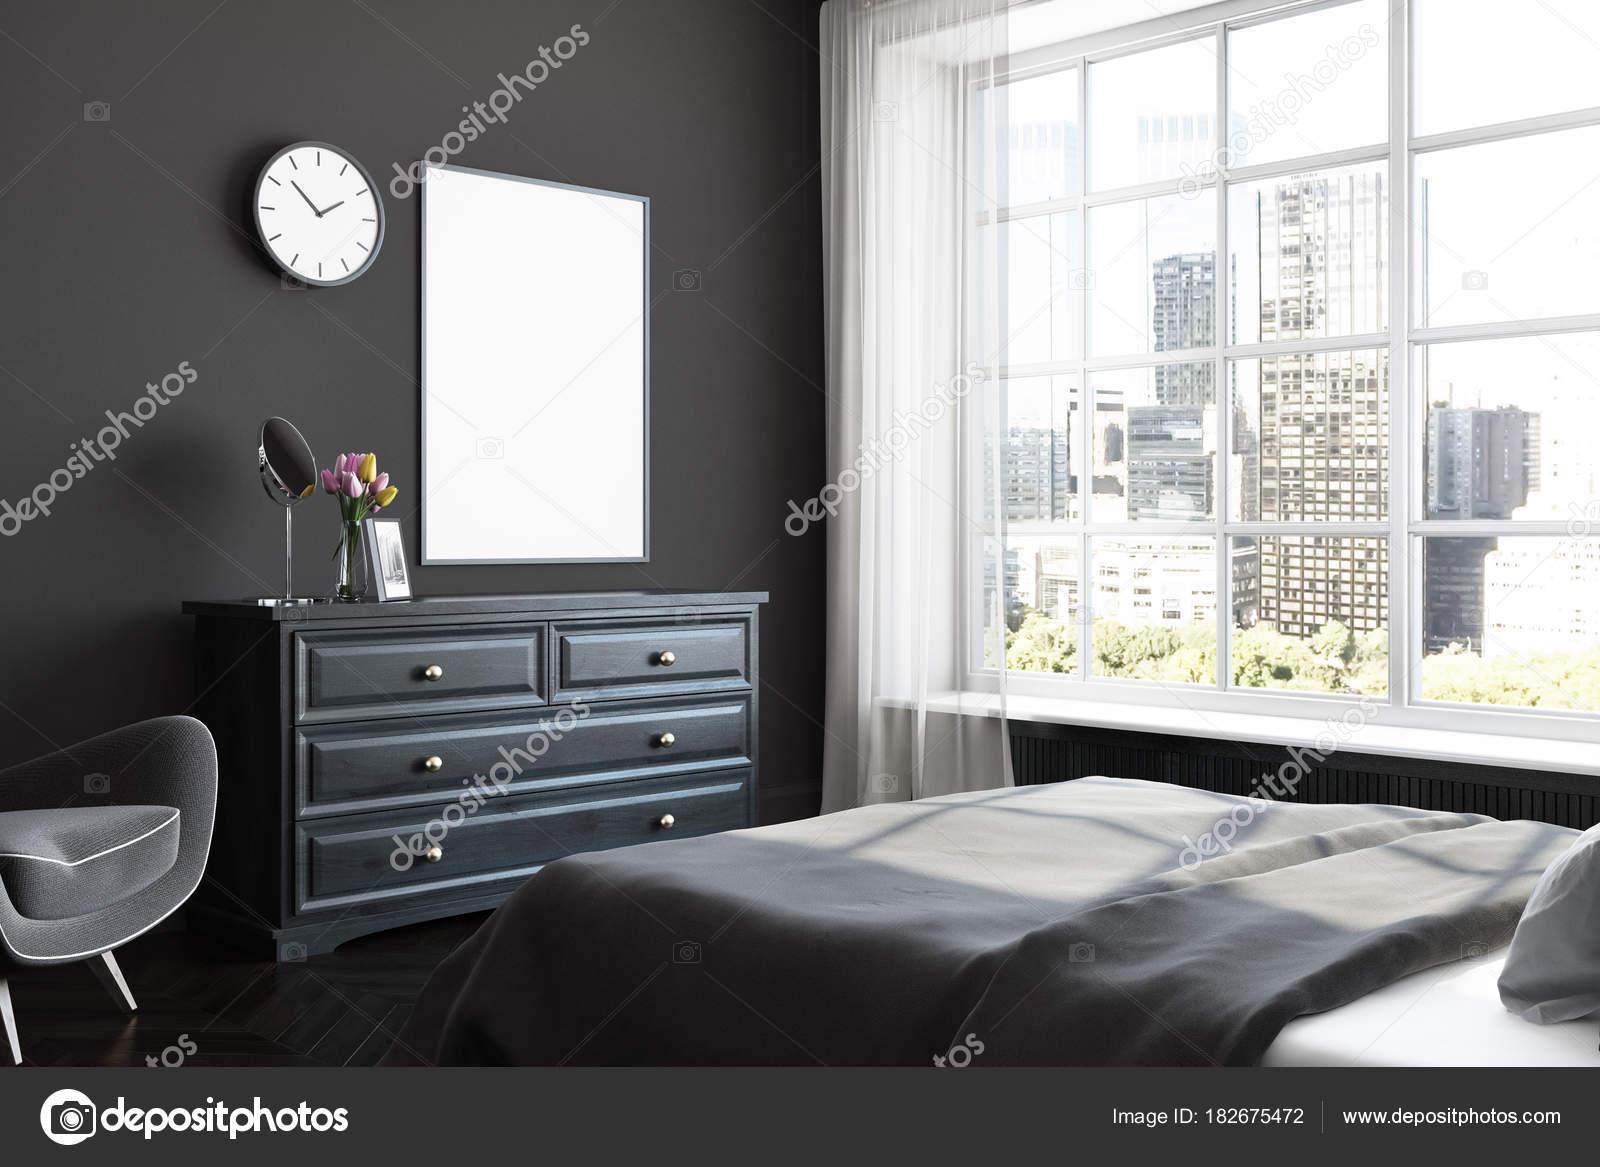 Schwarzen Schlafzimmer Ecke Poster Kommode Stockfoto